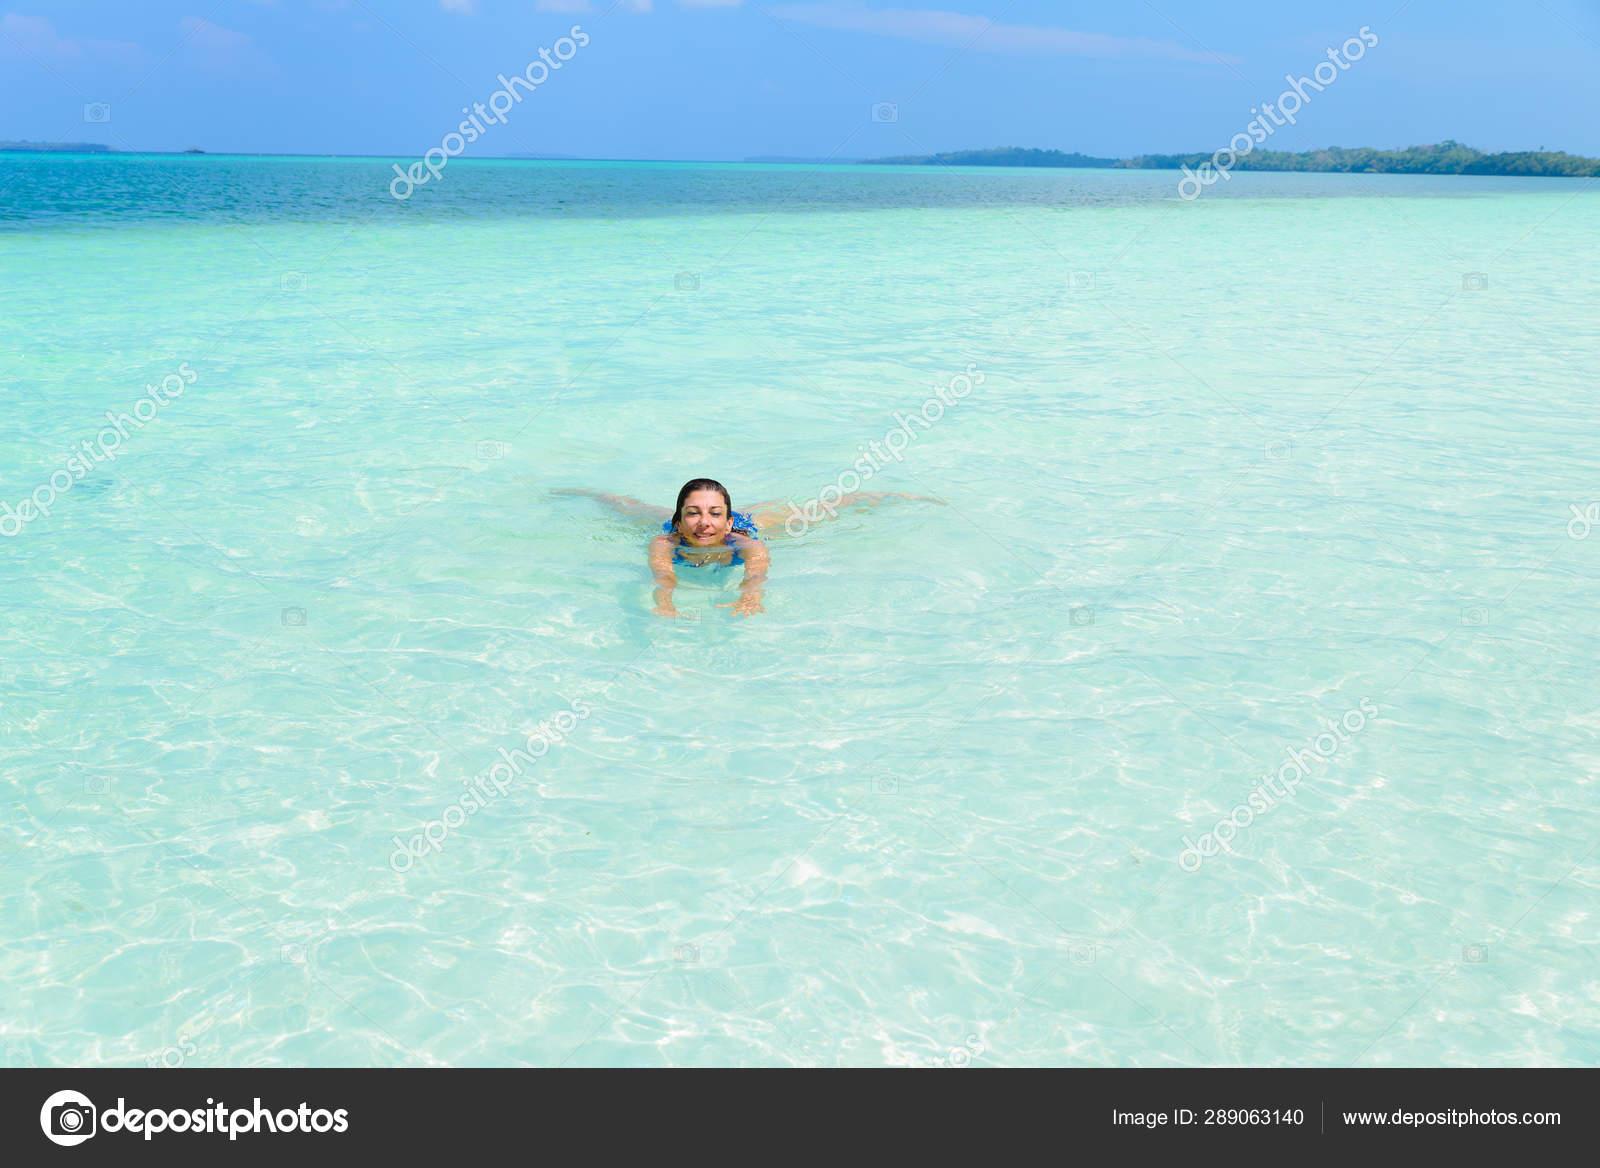 Mujer nadando en mar caribeño turquesa agua transparente